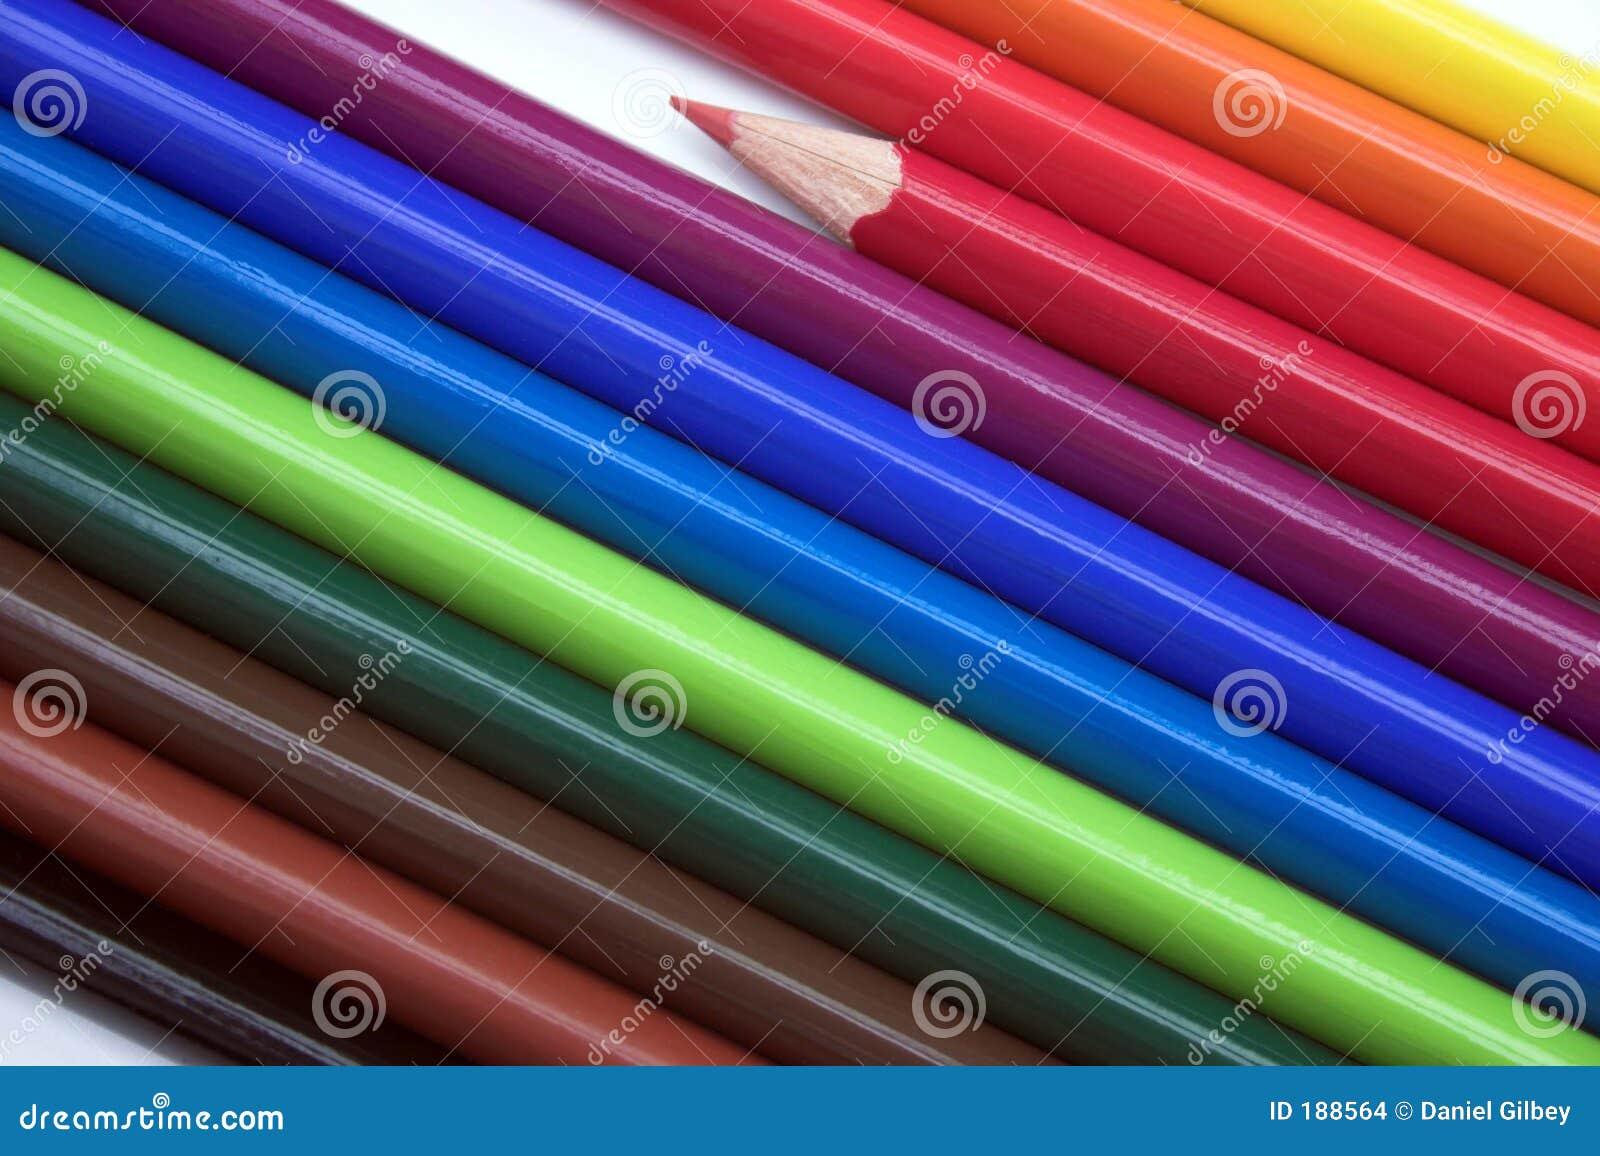 Färgglada blyertspennor